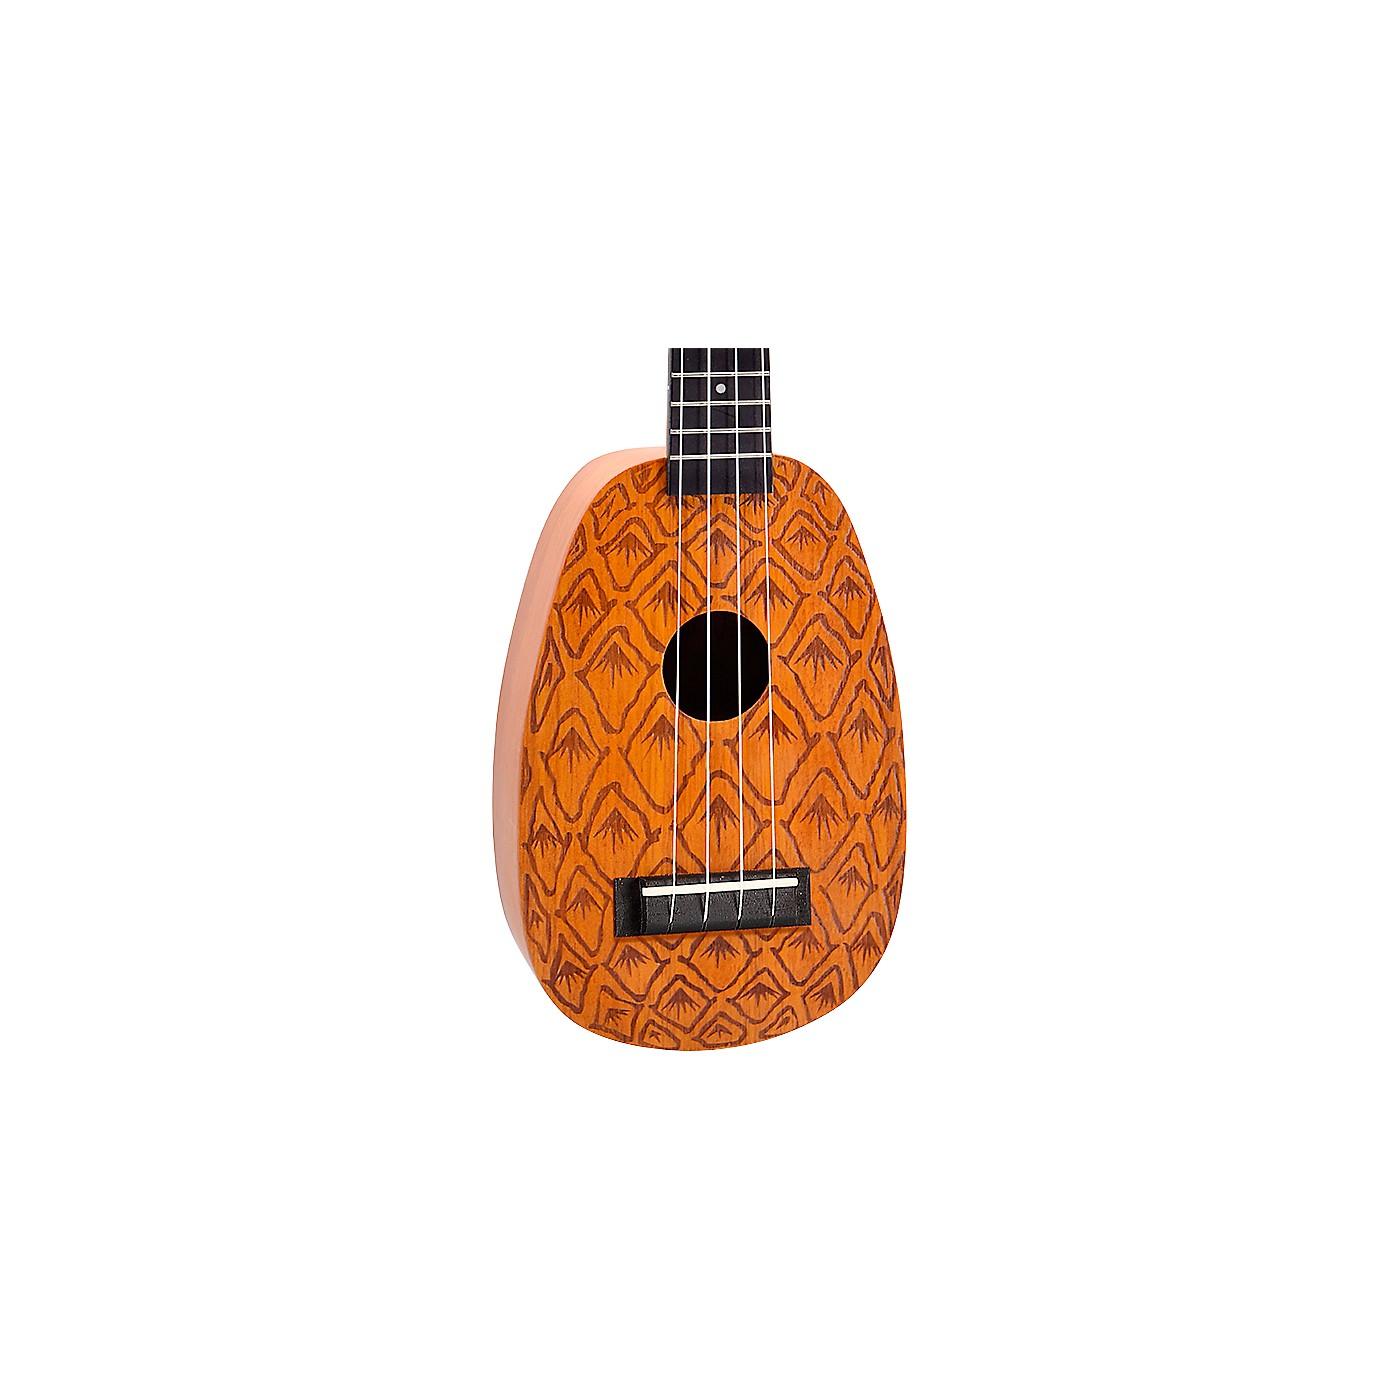 Mahalo Pineapple Laser Engraved Soprano Ukulele thumbnail